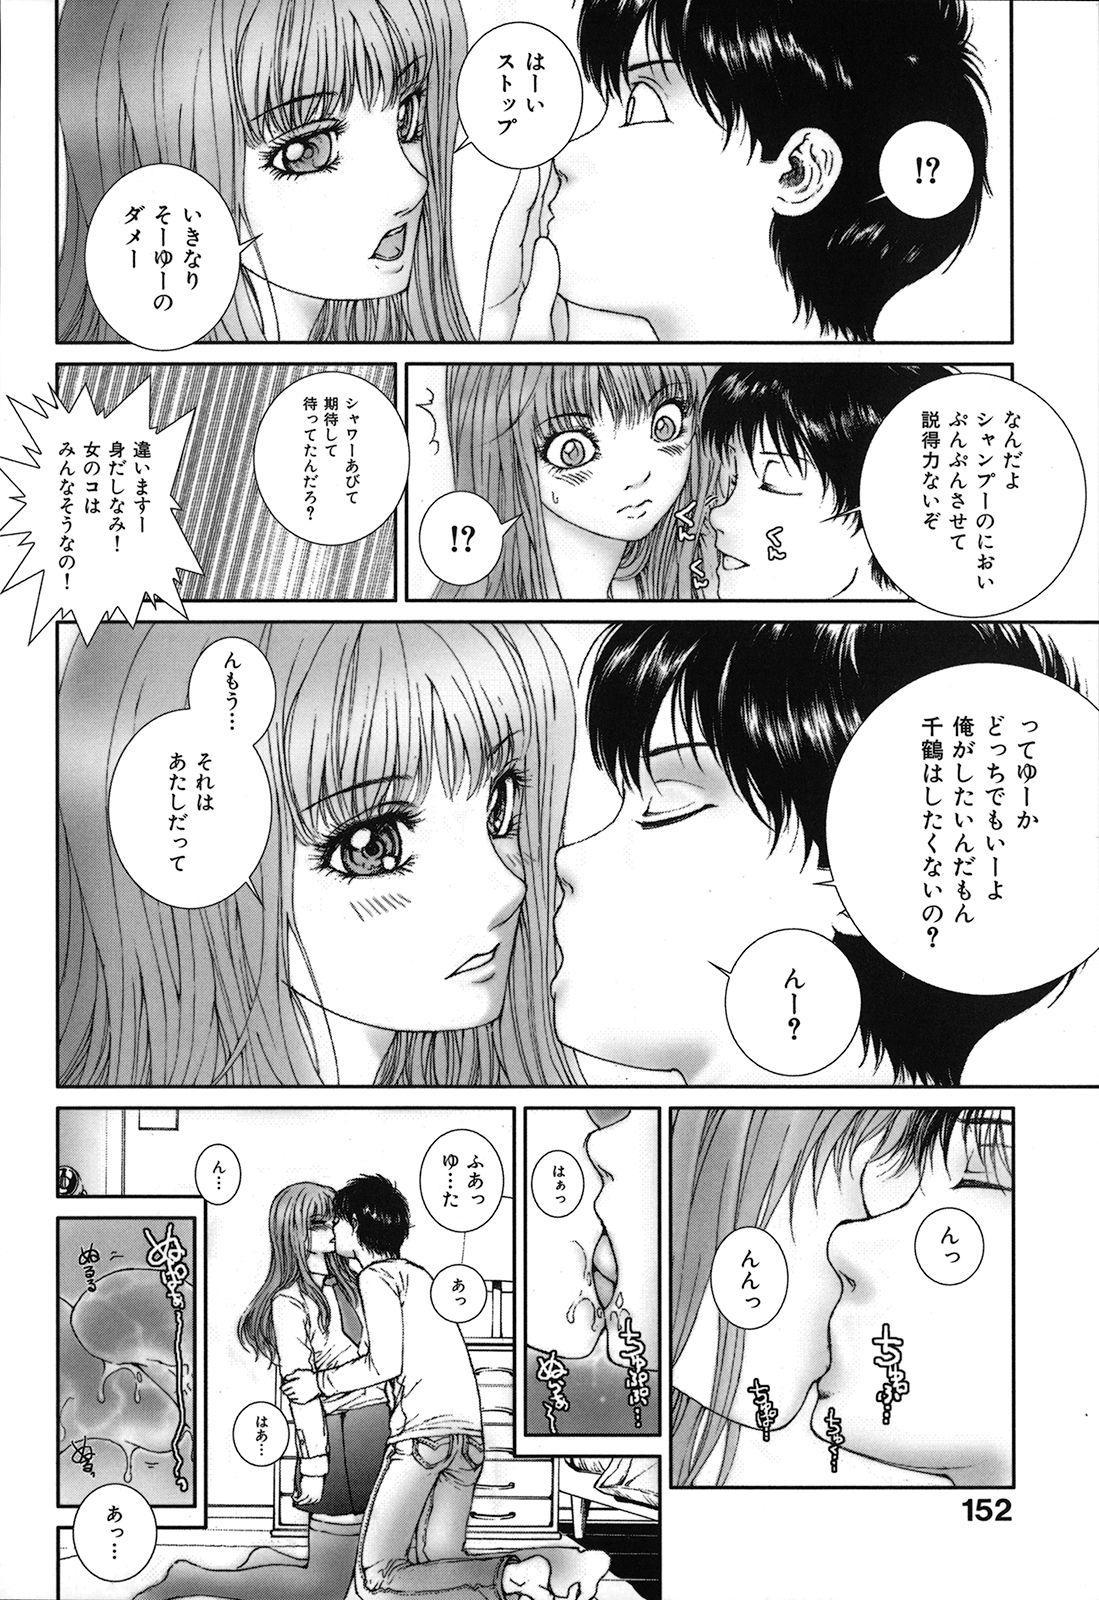 Kou Musume 155